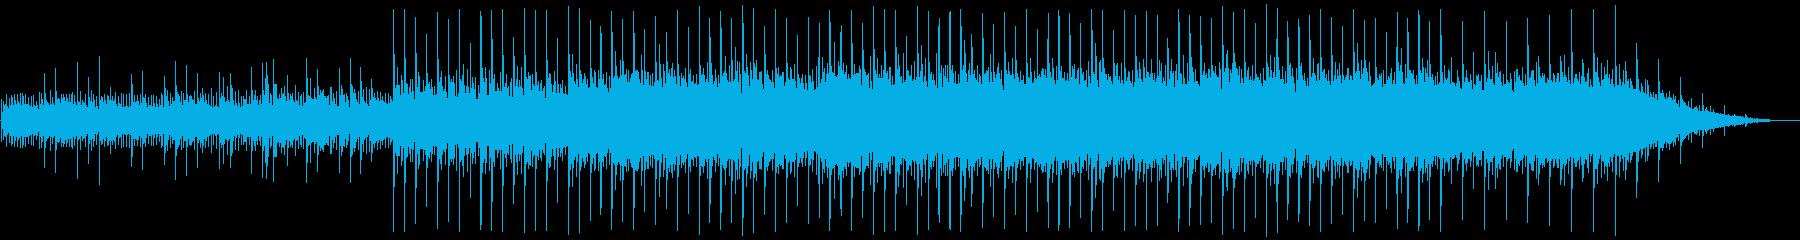 子供の知的好奇心をイメージした可愛い曲の再生済みの波形